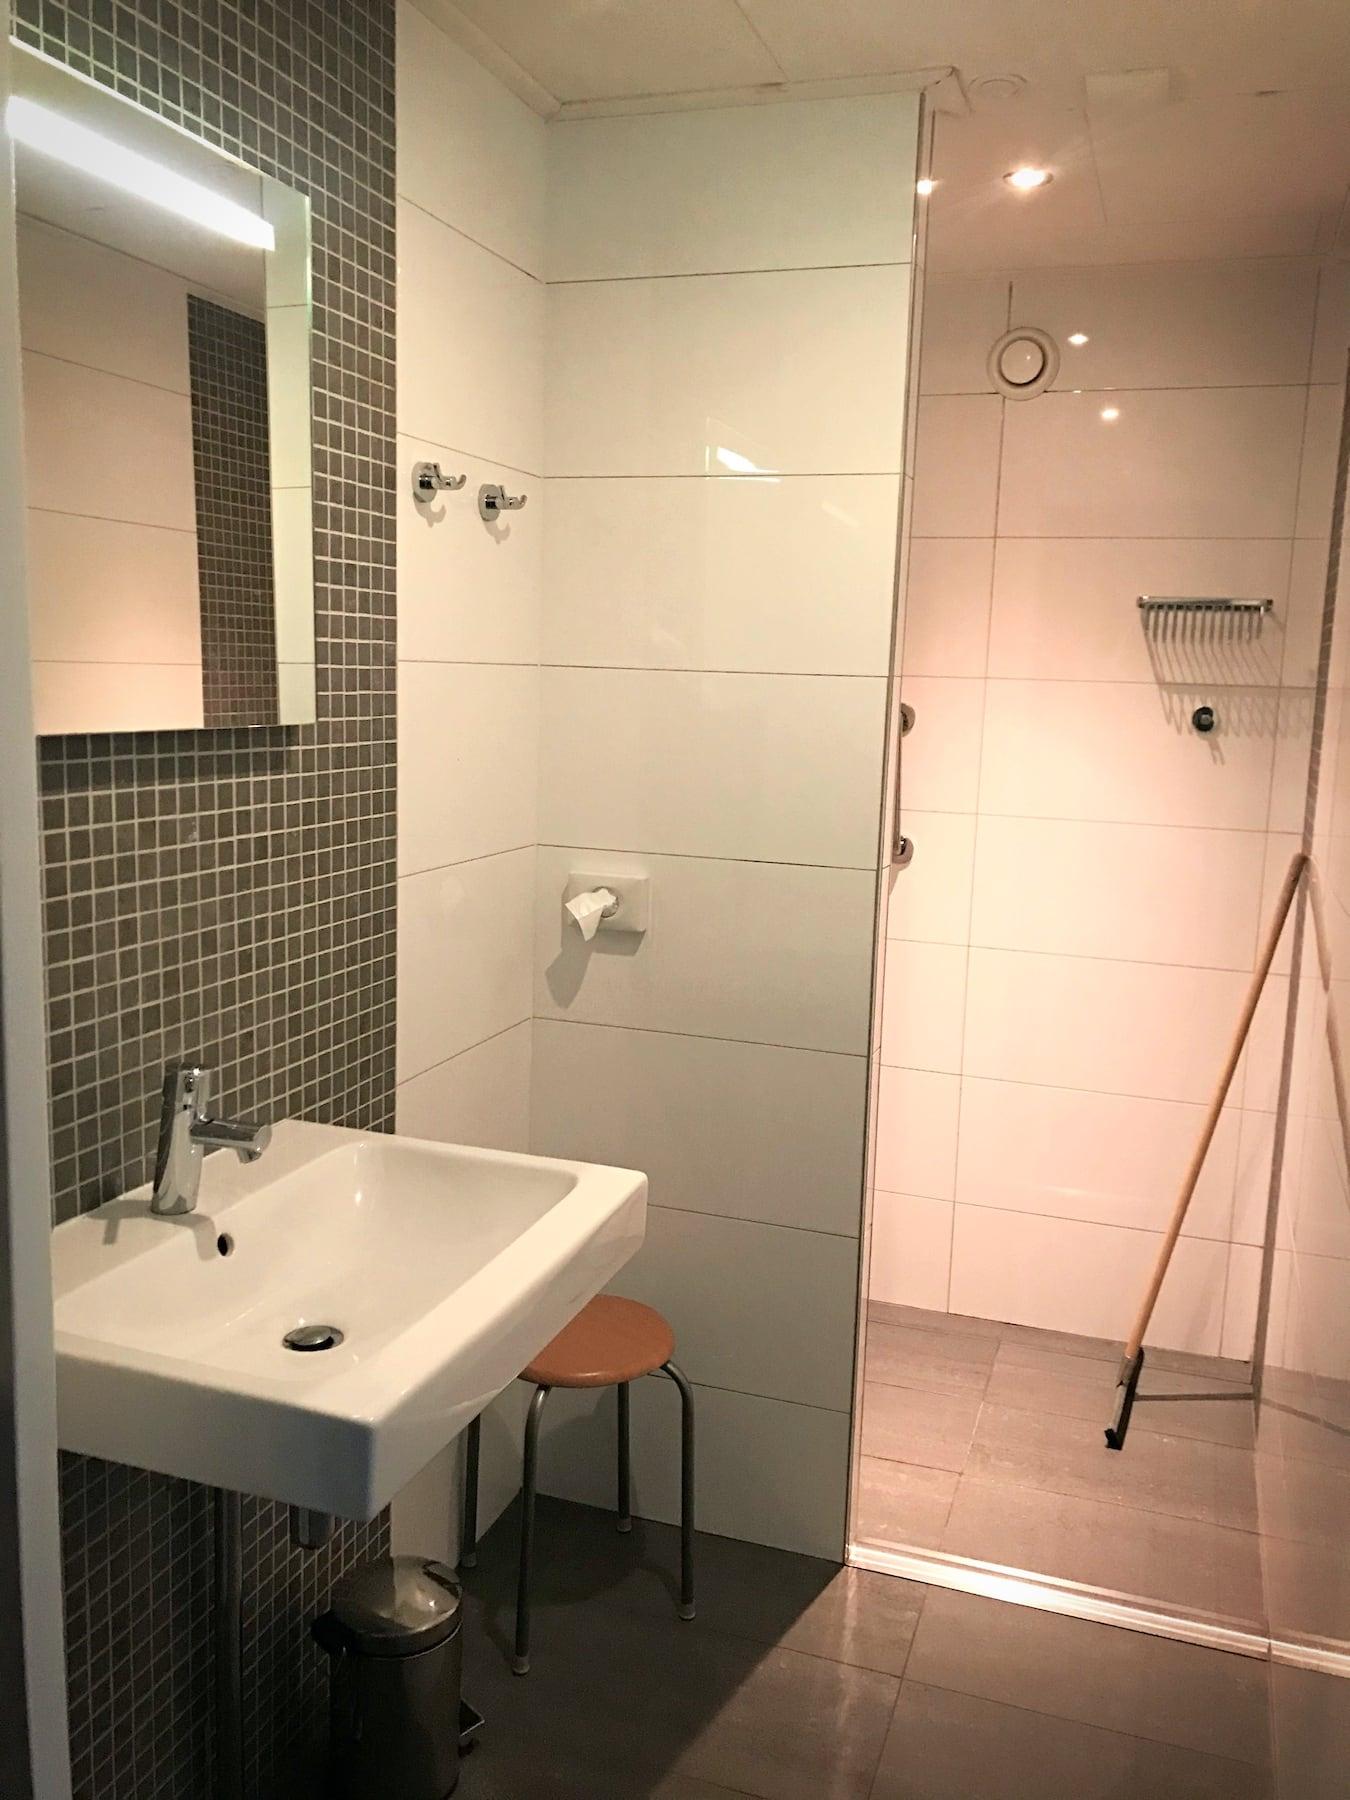 Stellplatz mit Toiletten und Duschen